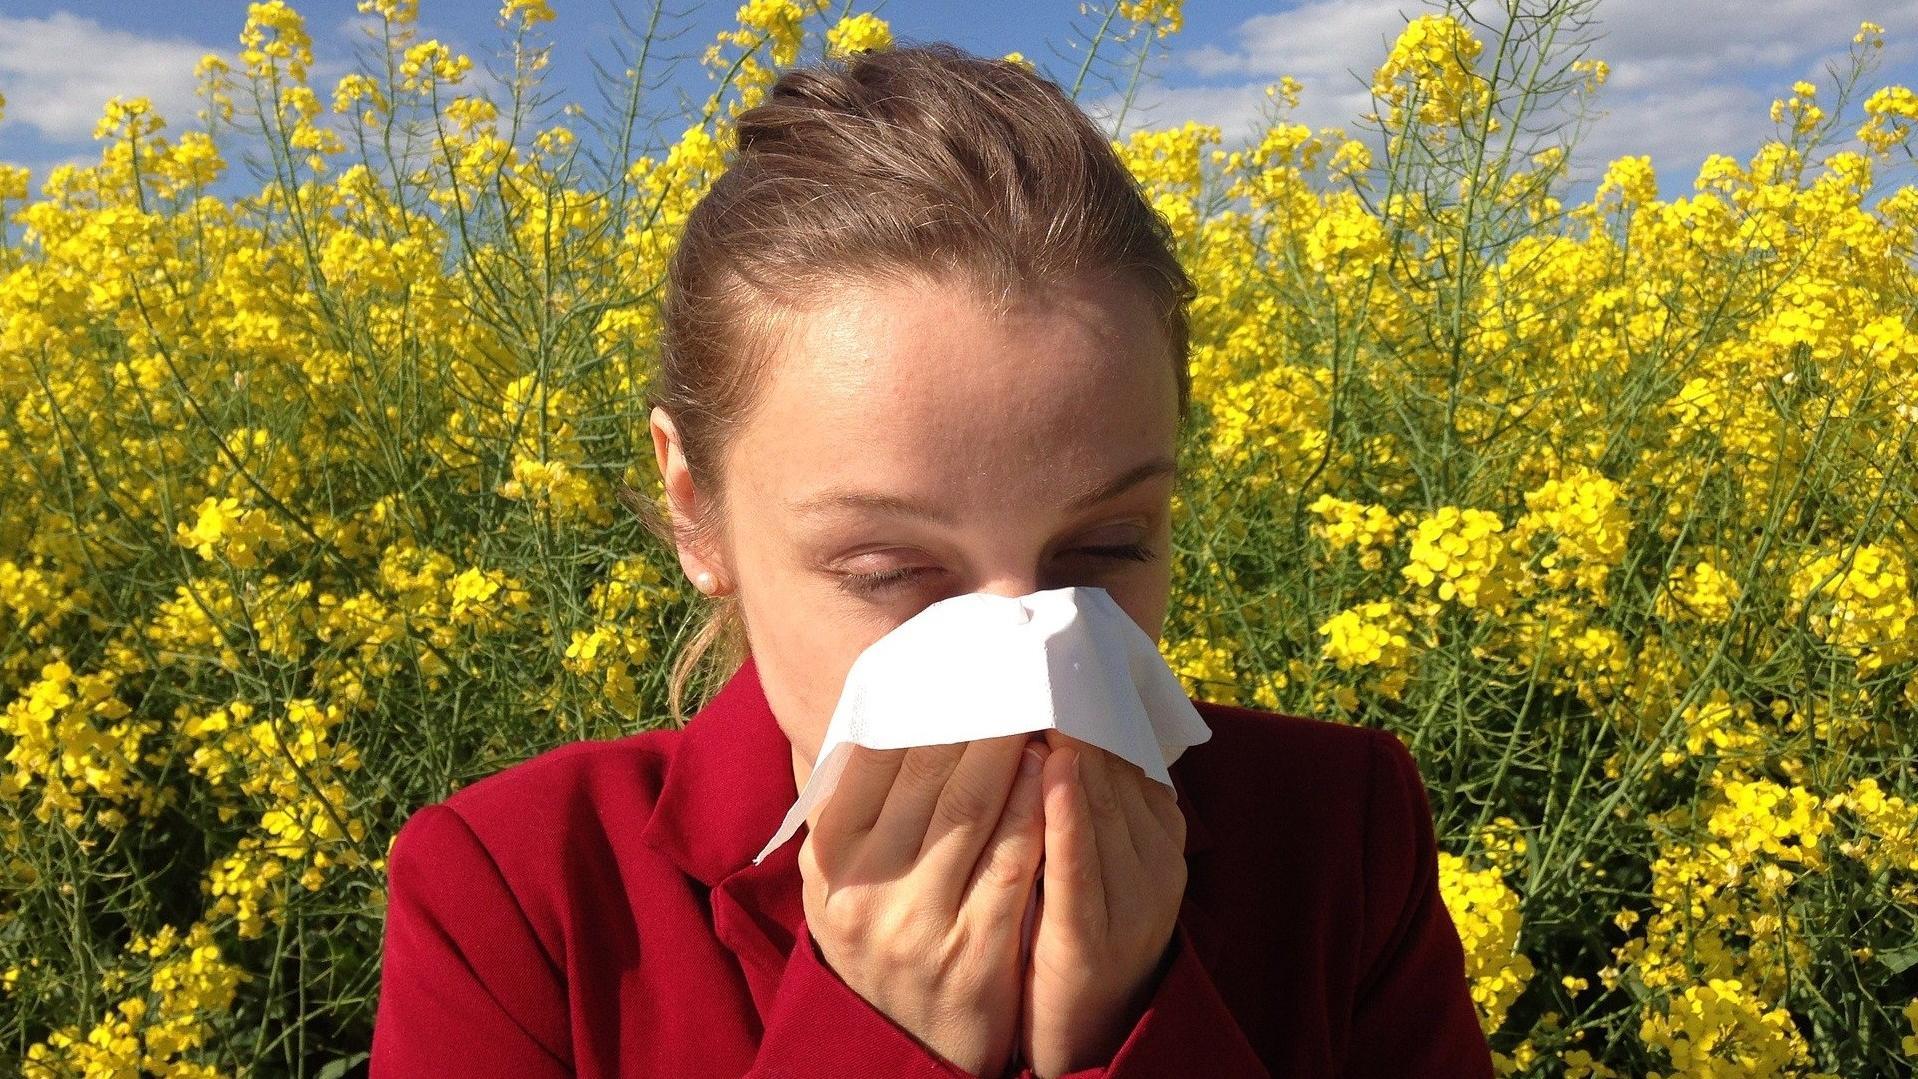 Frau steht vor blühenden Pflanzen und putzt sich die Nase